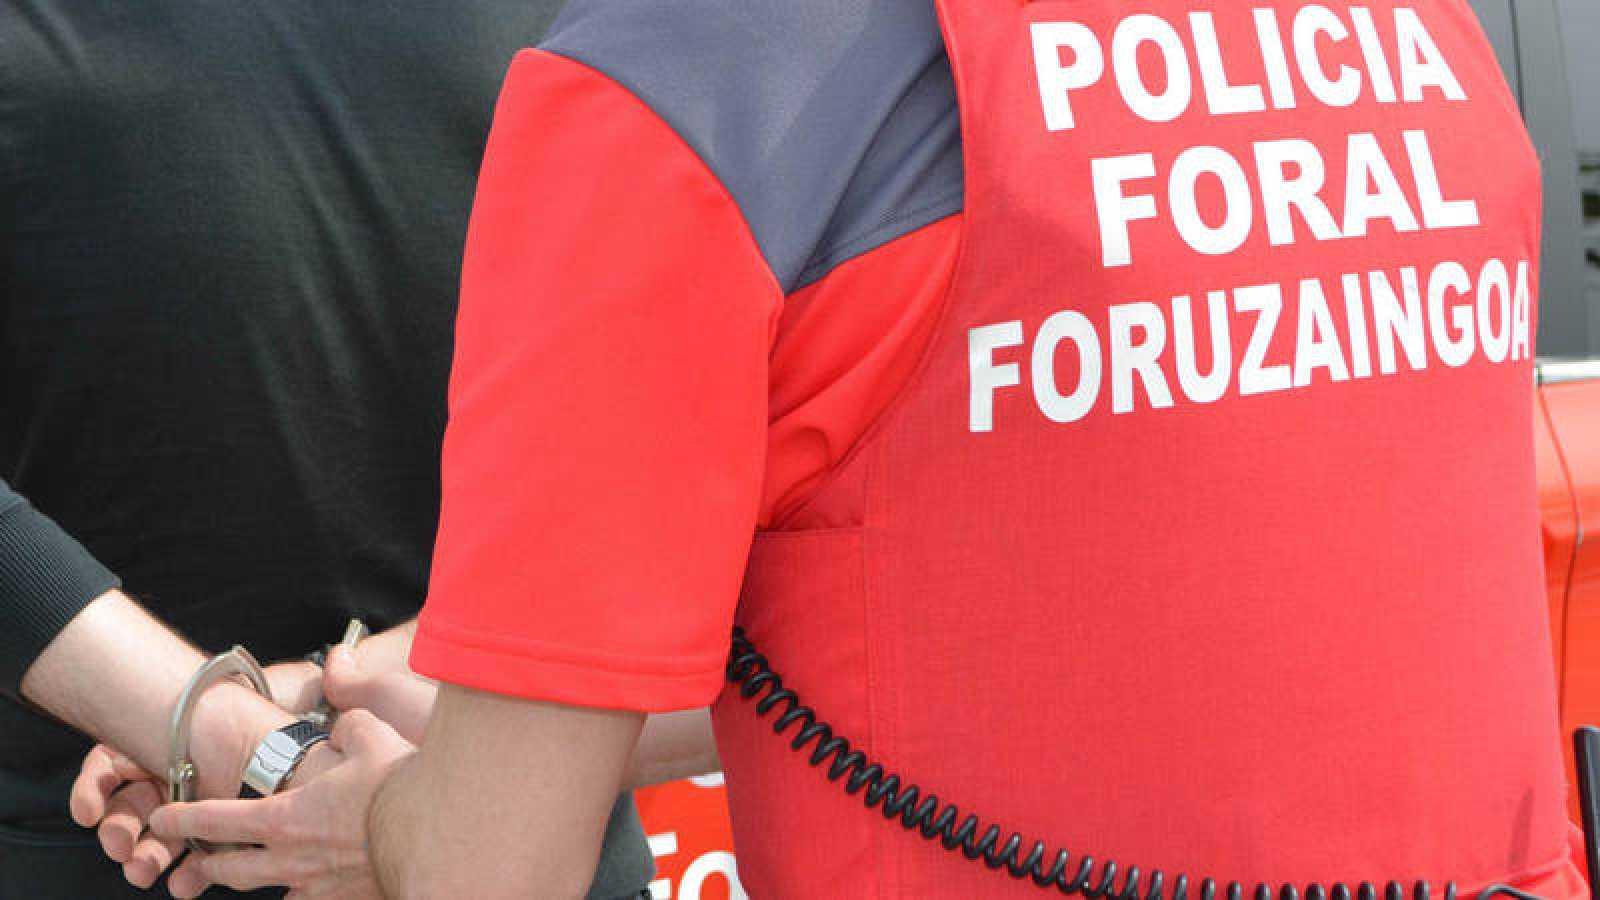 jubilación anticipada policia foral